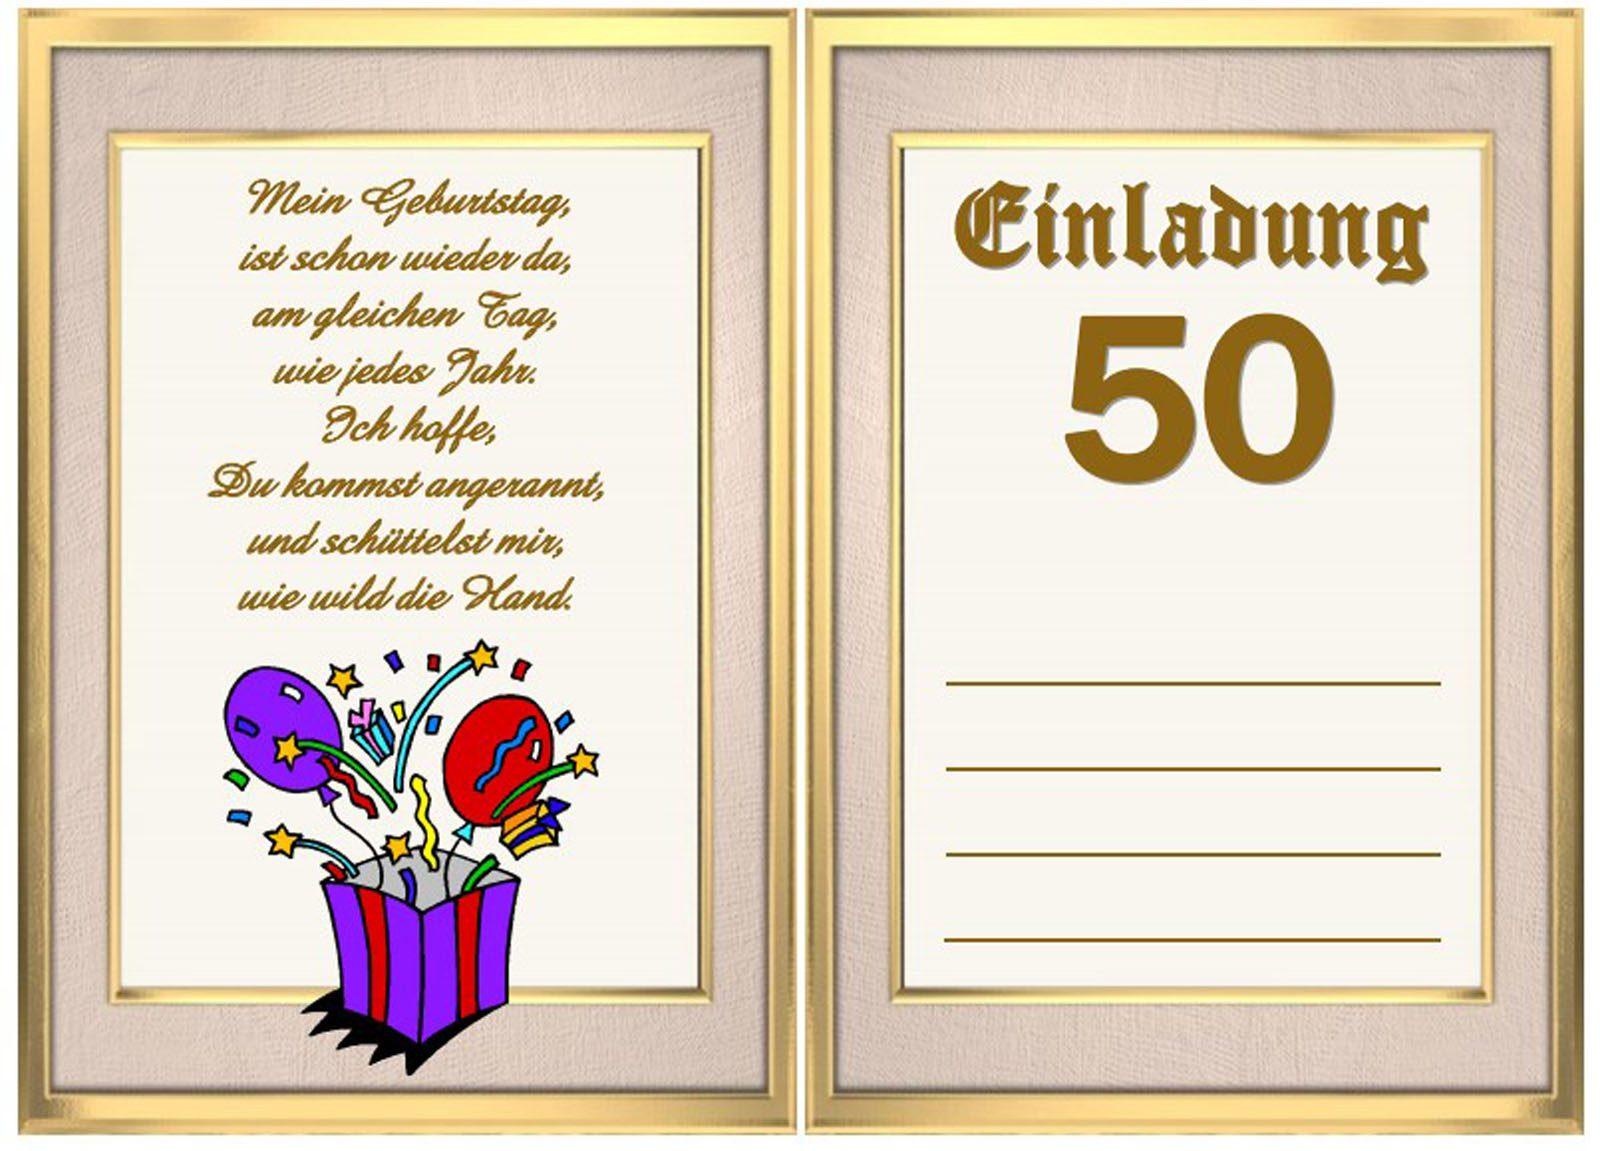 Einladung Zum 50 Geburtstag : Einladung Zum 50 Geburtstag Kostenlos ...